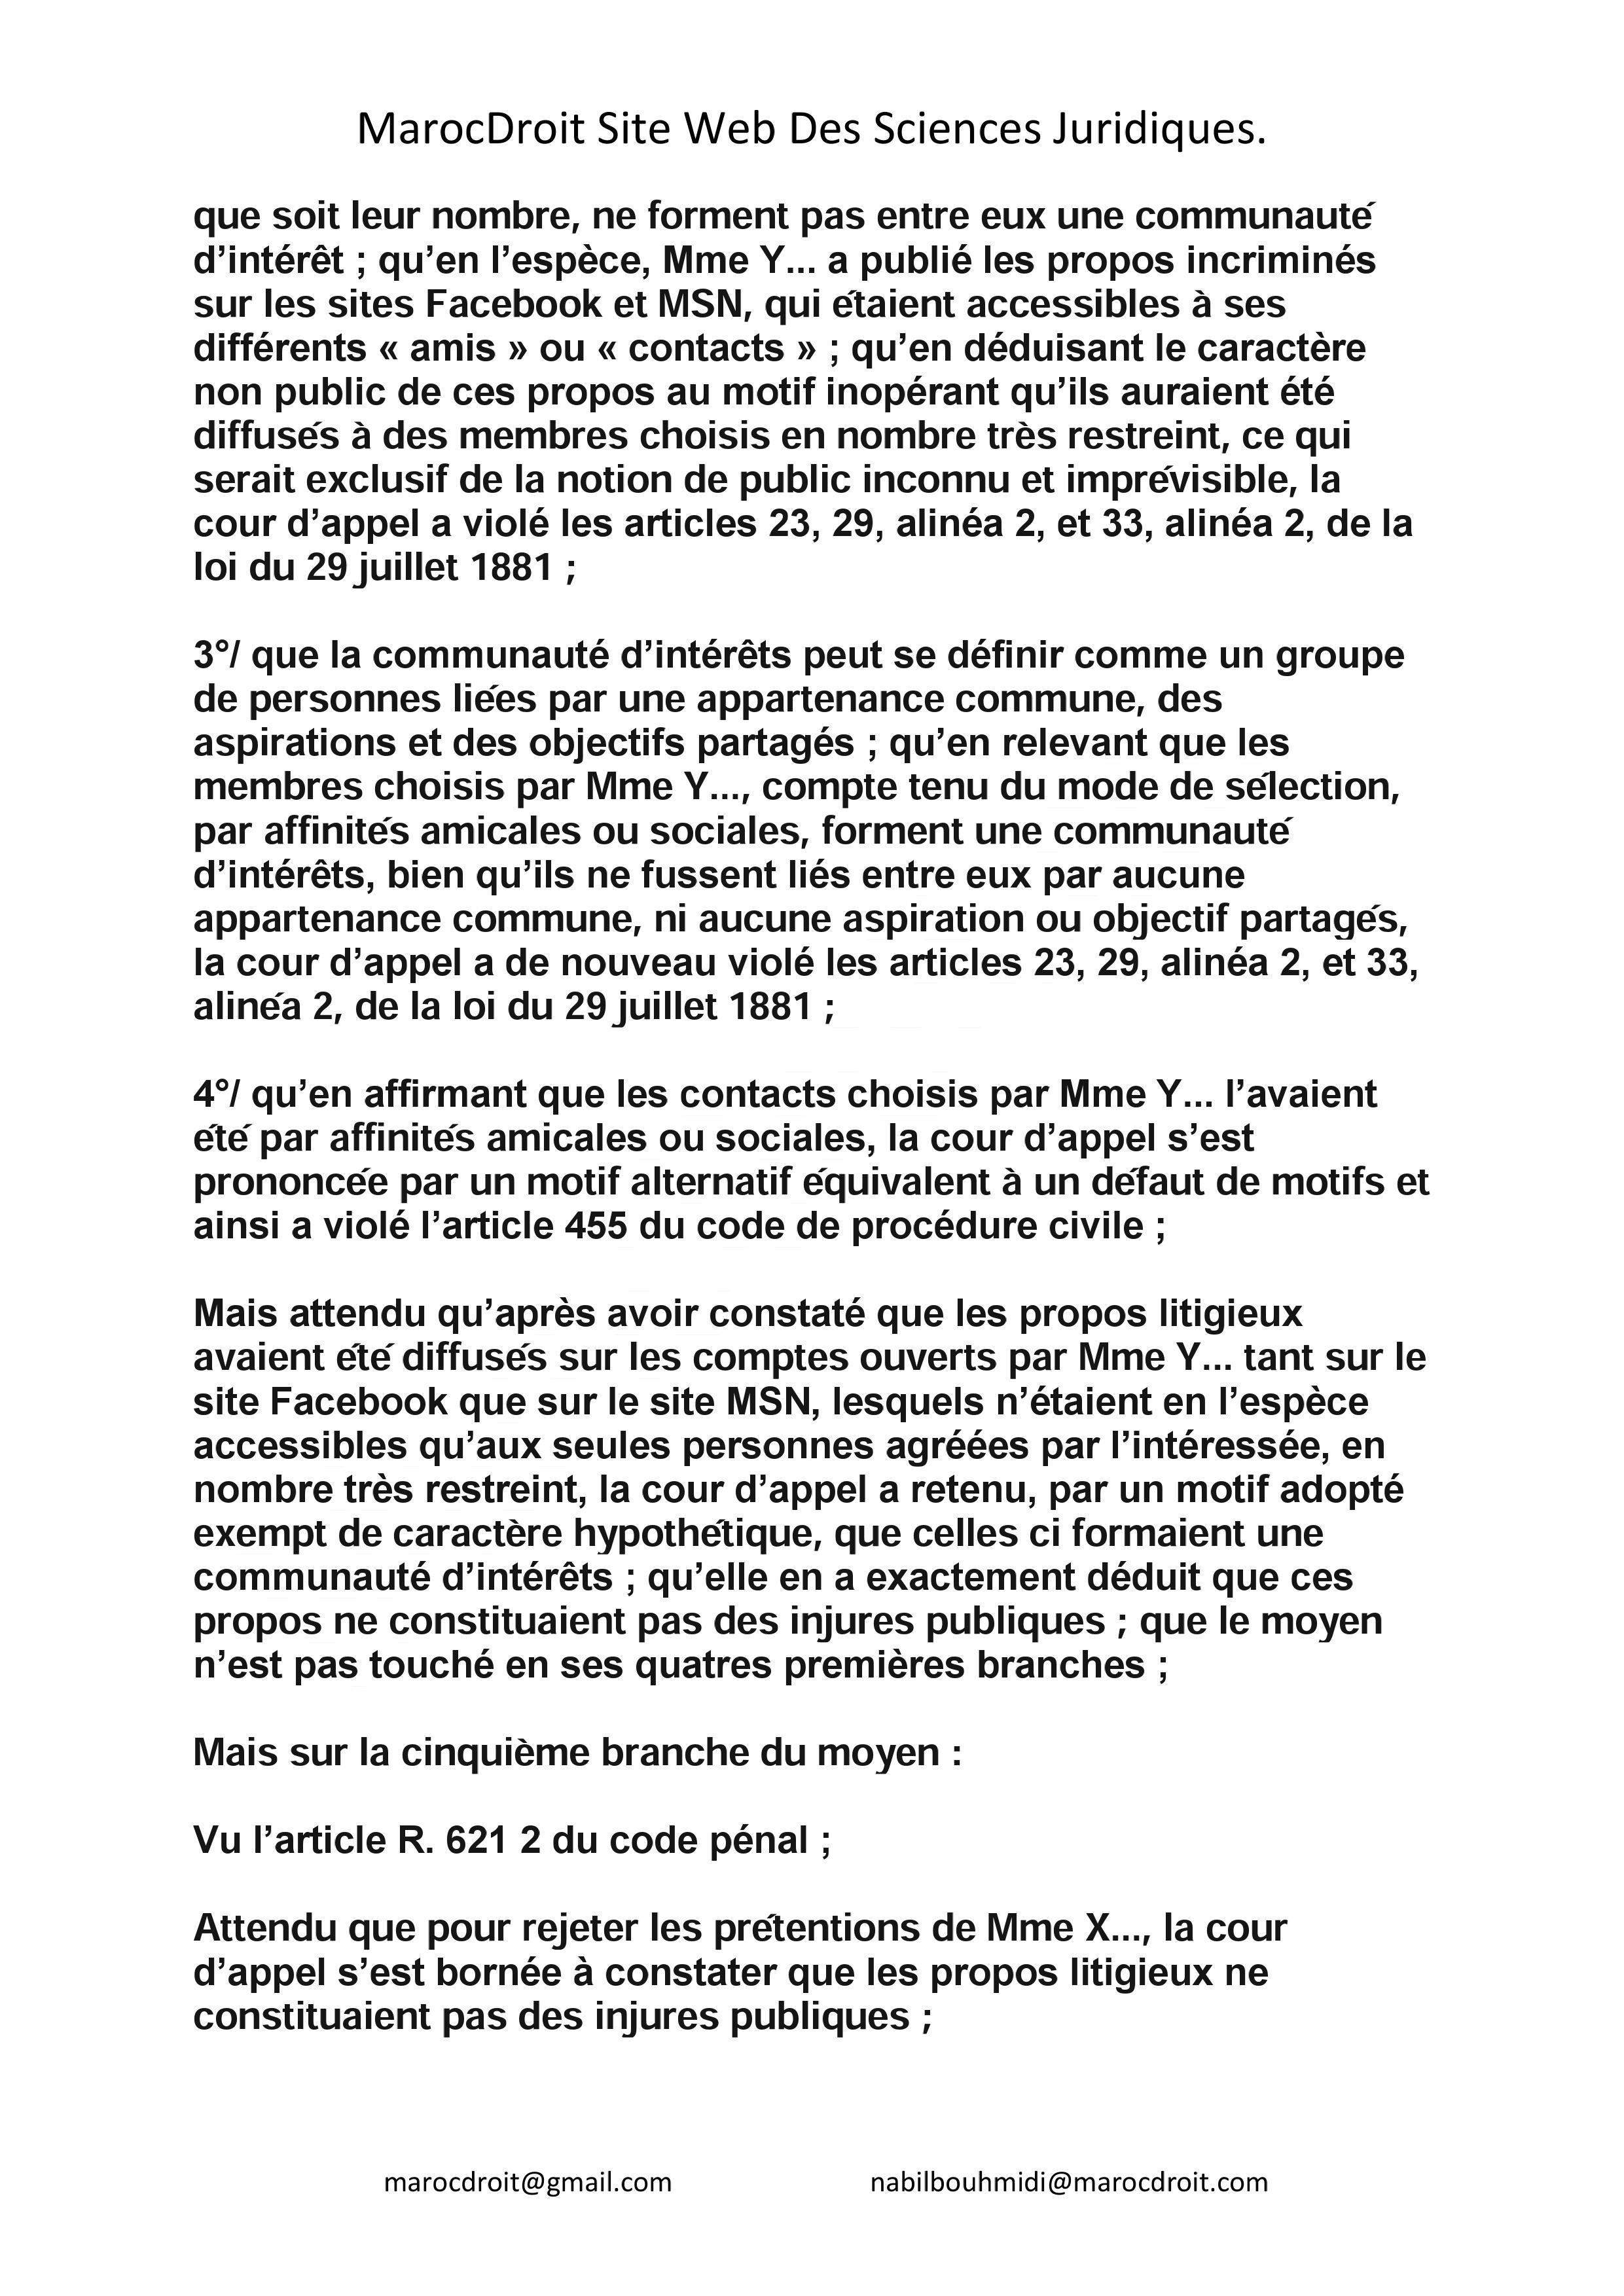 النسخة الكاملة للقرار الصادر عن محكمة النقض الفرنسية القاضي بكون التصريحات التي يتم تدوينها عبر الفايسبوك هي تصريحات خاصة و لا يمكن أن تشكل سببا للمتابعة